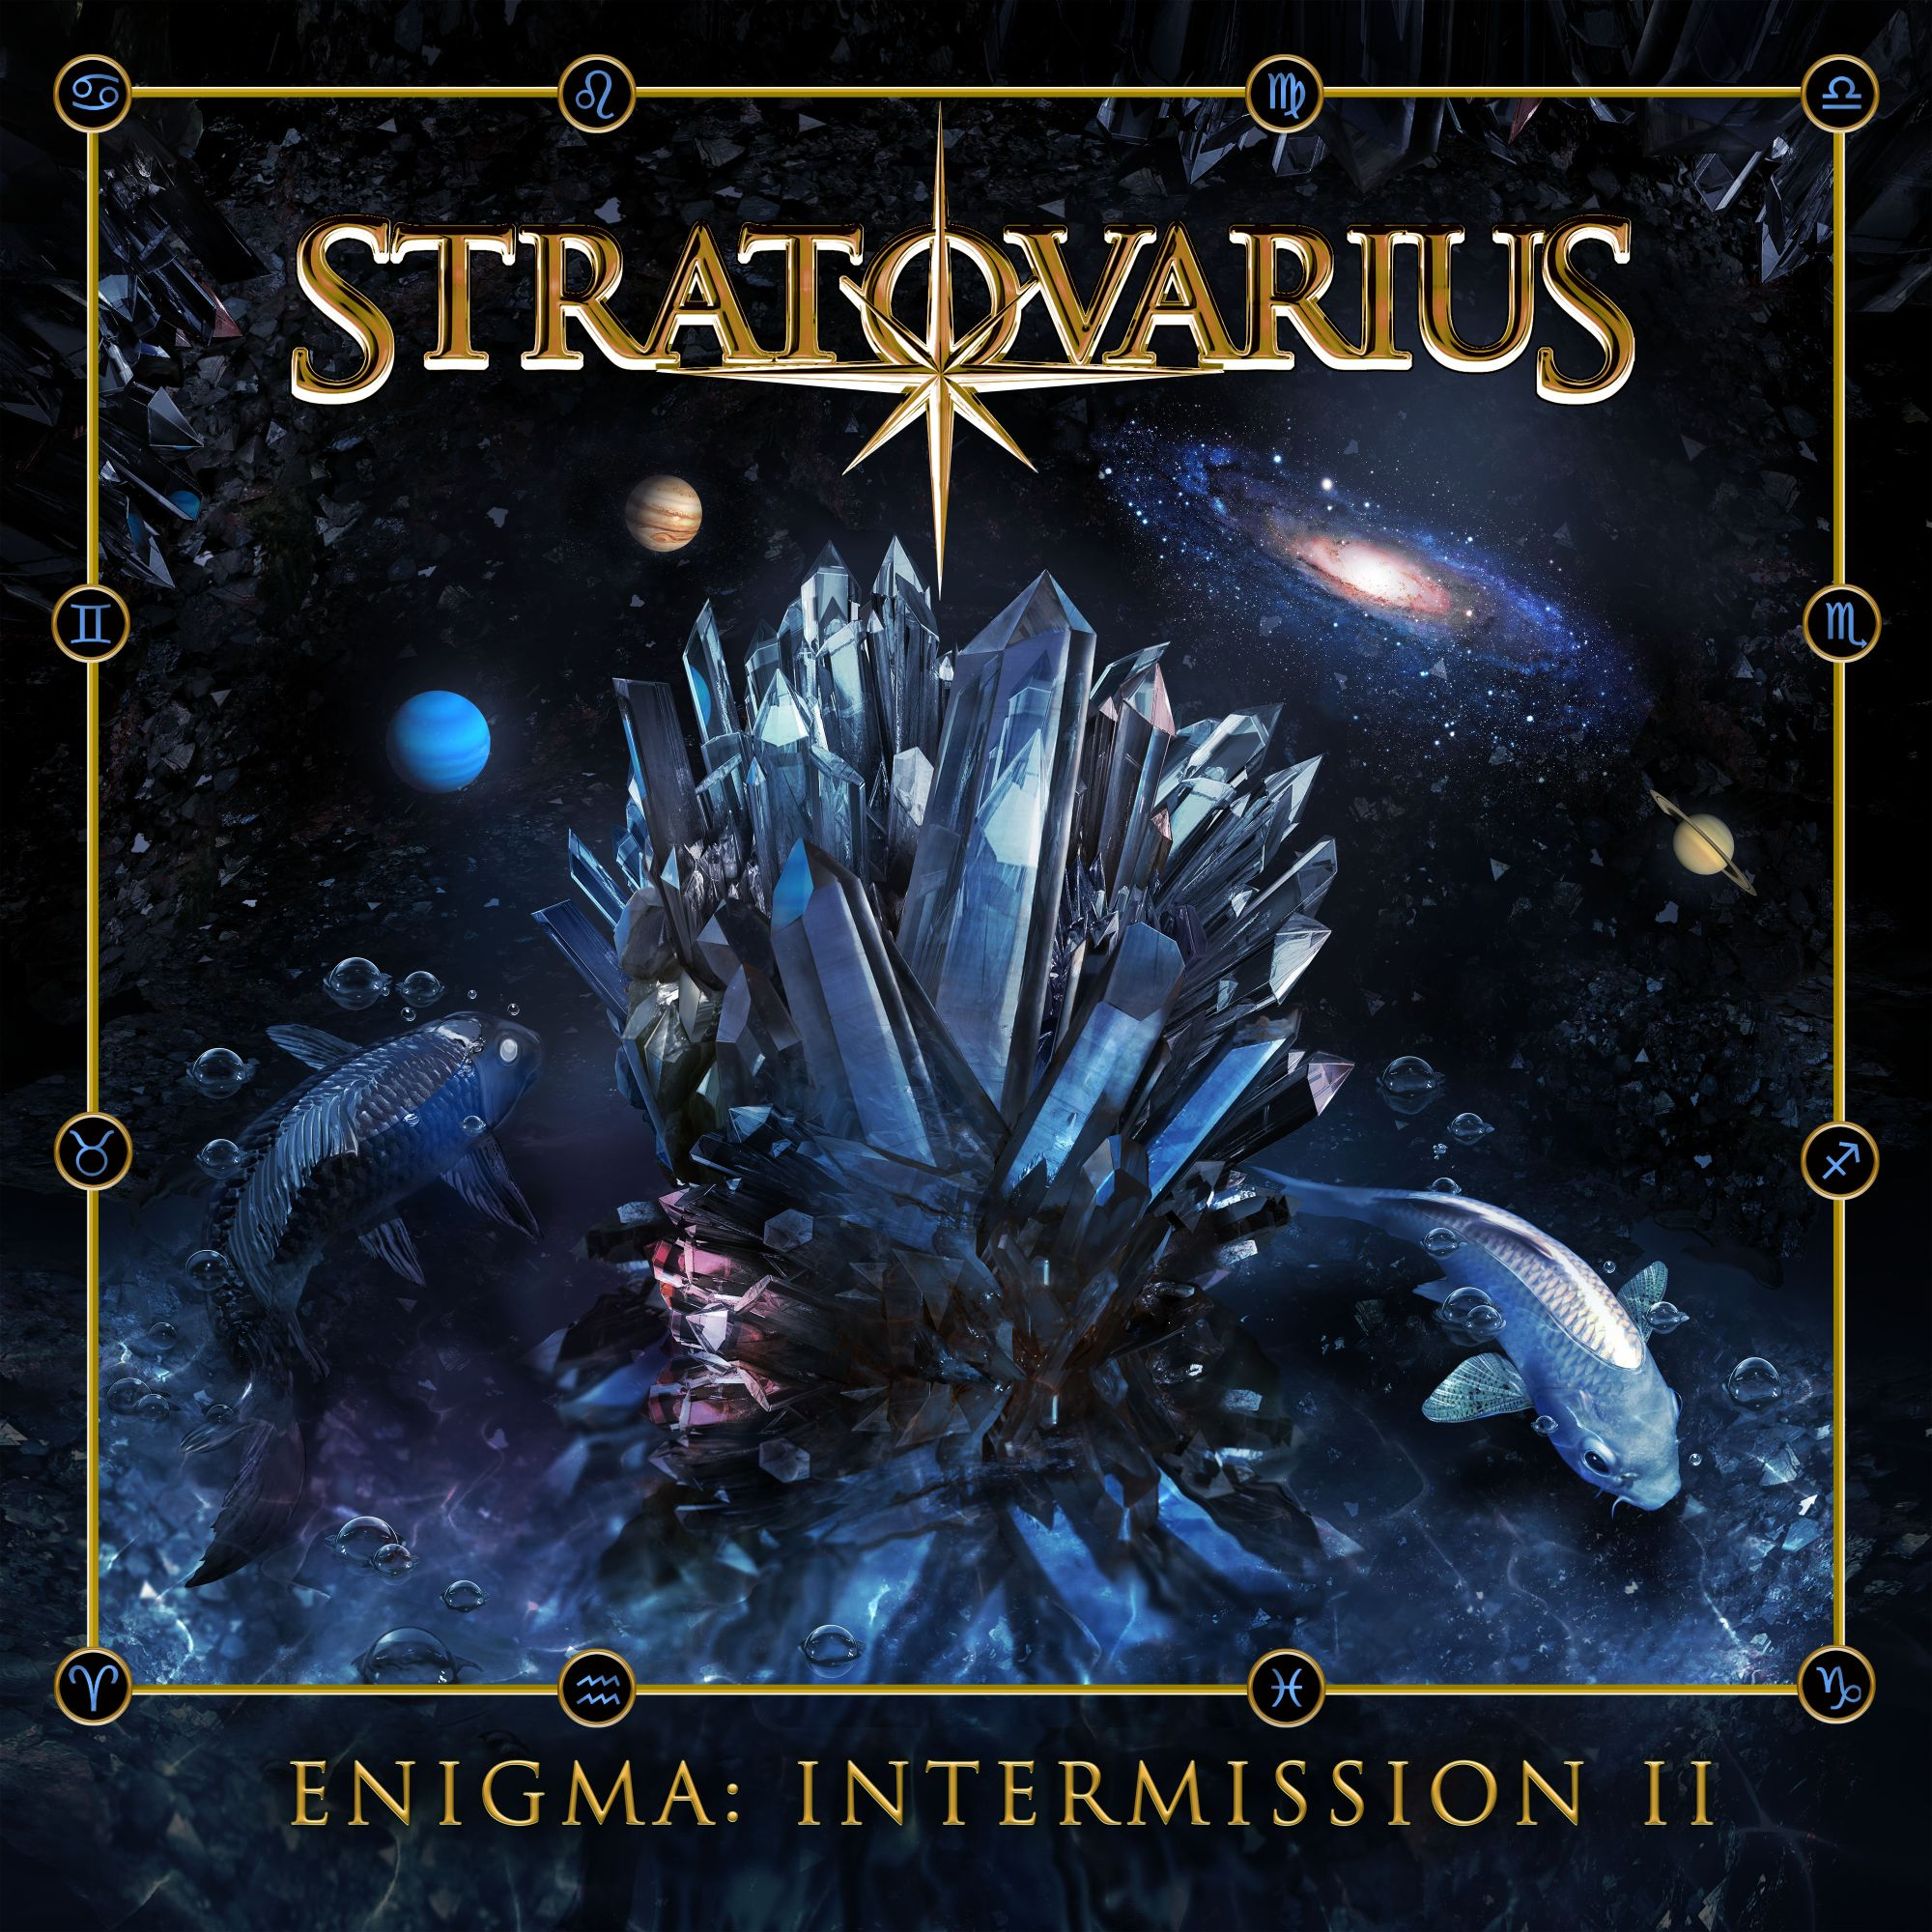 Stratovarius_Enigma_Intermission_2_cover_4000x4000